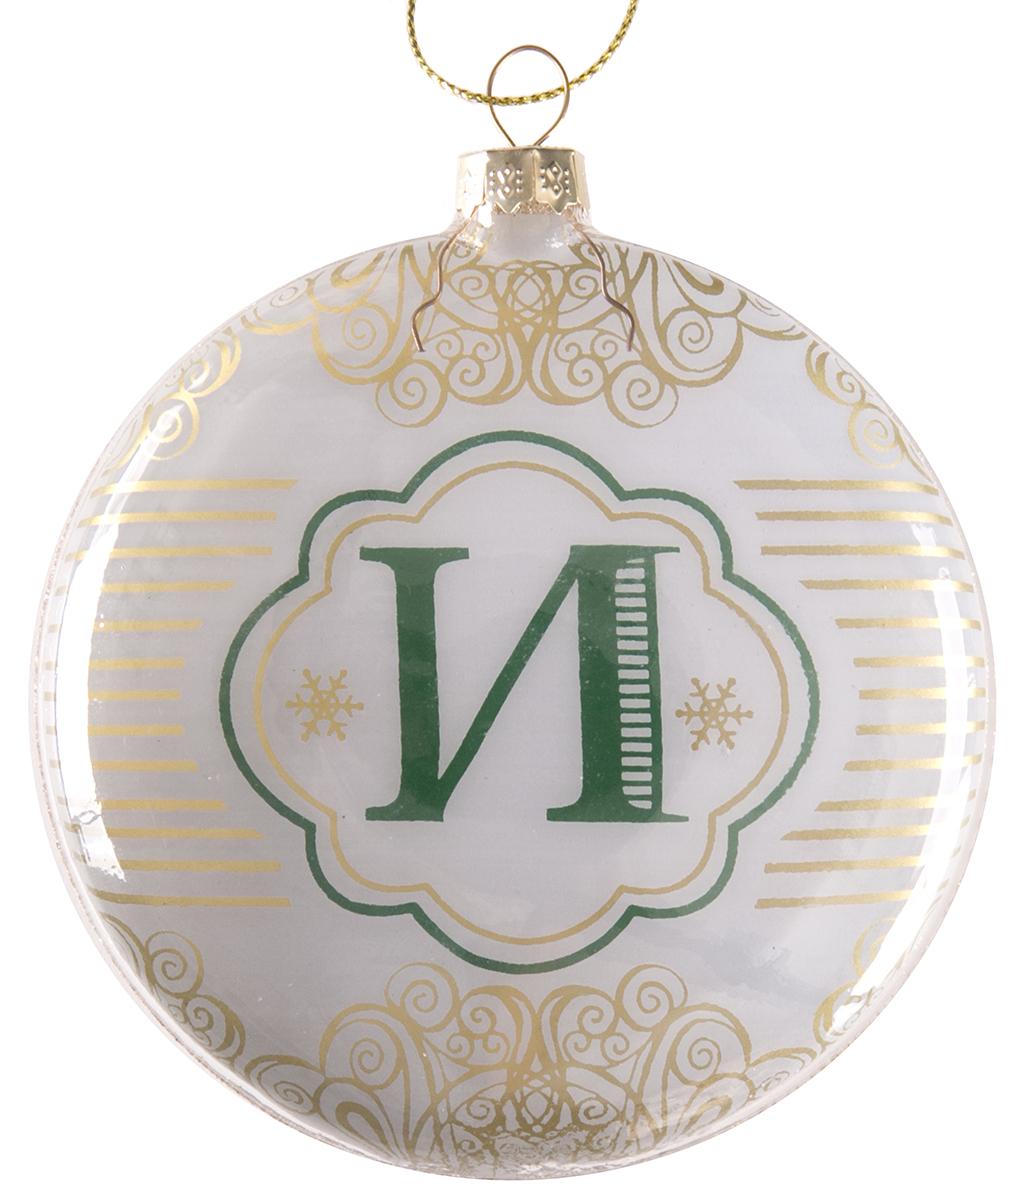 Украшение новогоднее подвесное Magic Time Буква И, стеклянное75829Новогоднее подвесное украшение, выполненное из стекла, в виде буквы И.